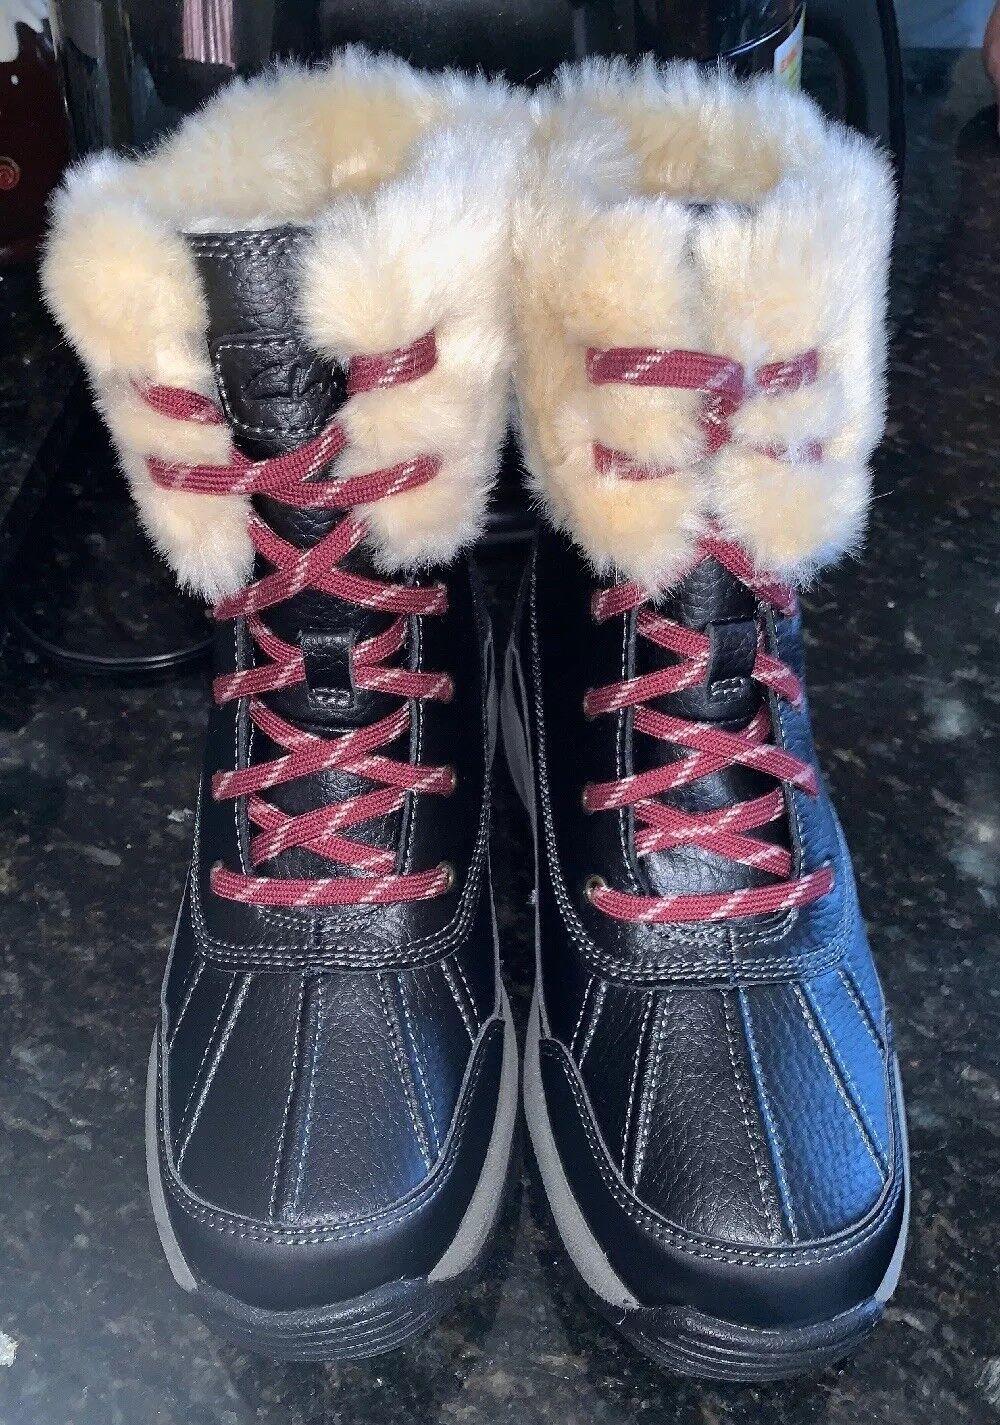 Clarks botas Negro Cuero Mazlyn resistente al agua del del del Ártico Talla 6.5 M  ahorra hasta un 50%